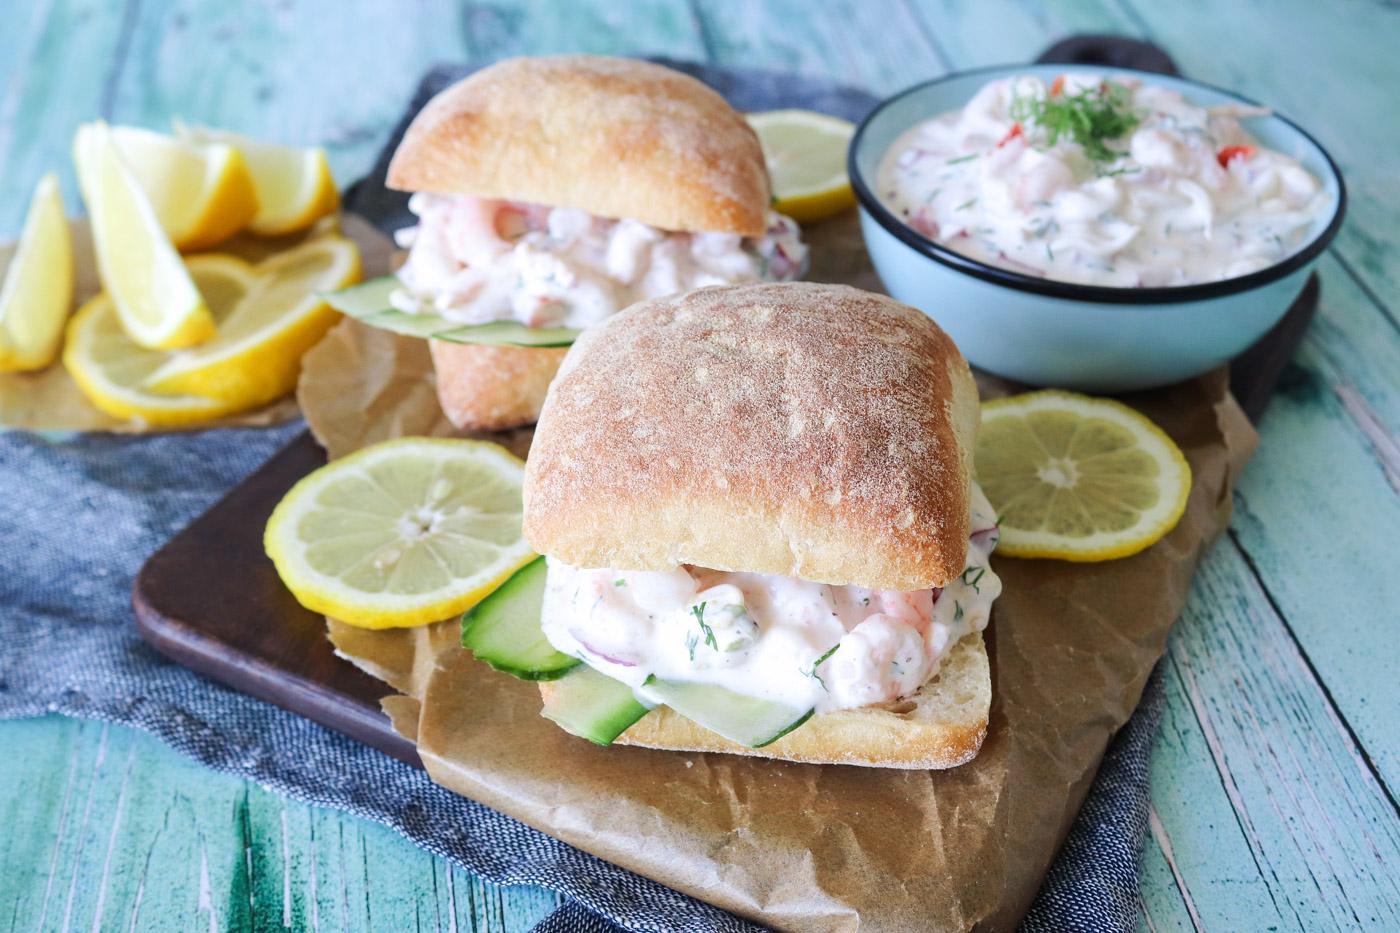 Hjemmelavet Rejesalat – Den Bedste Sandwich Med Rejesalat